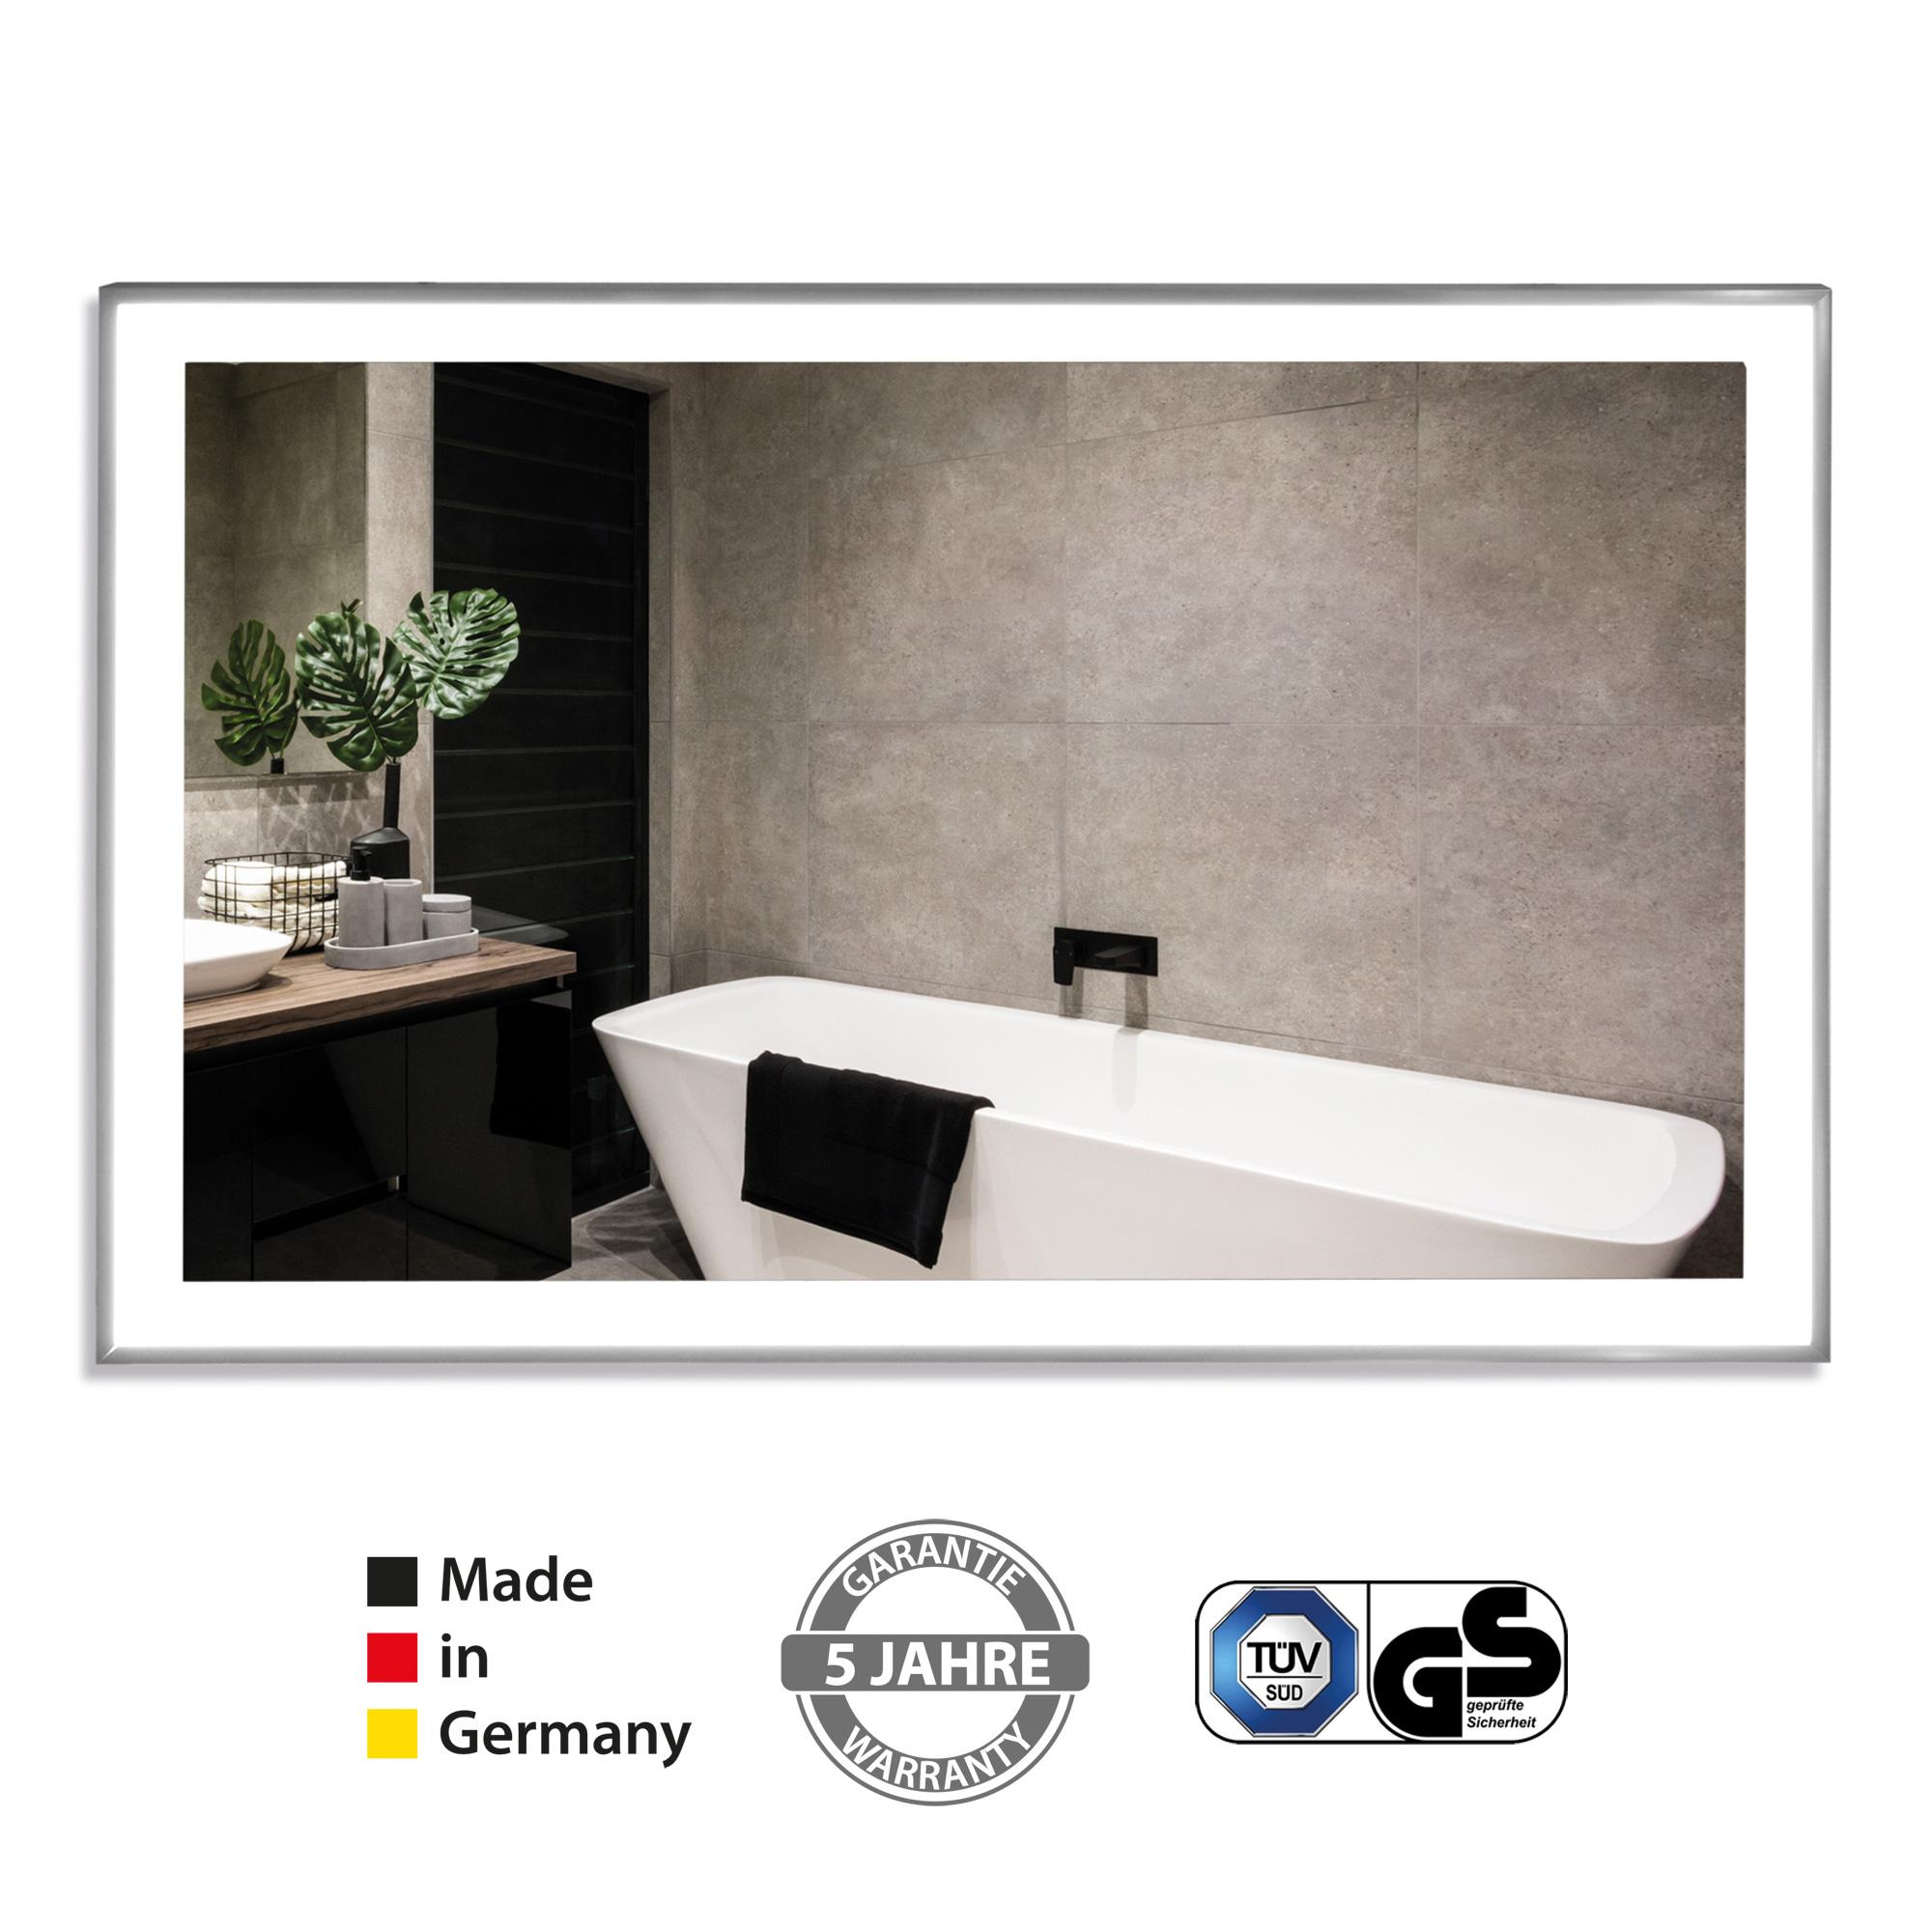 VASNER-Zipris-S-LED-Spiegel-Infrarotheizung-Licht-Titan-Rahmen Stilvolle Spiegel Mit Integrierter Beleuchtung Dekorationen